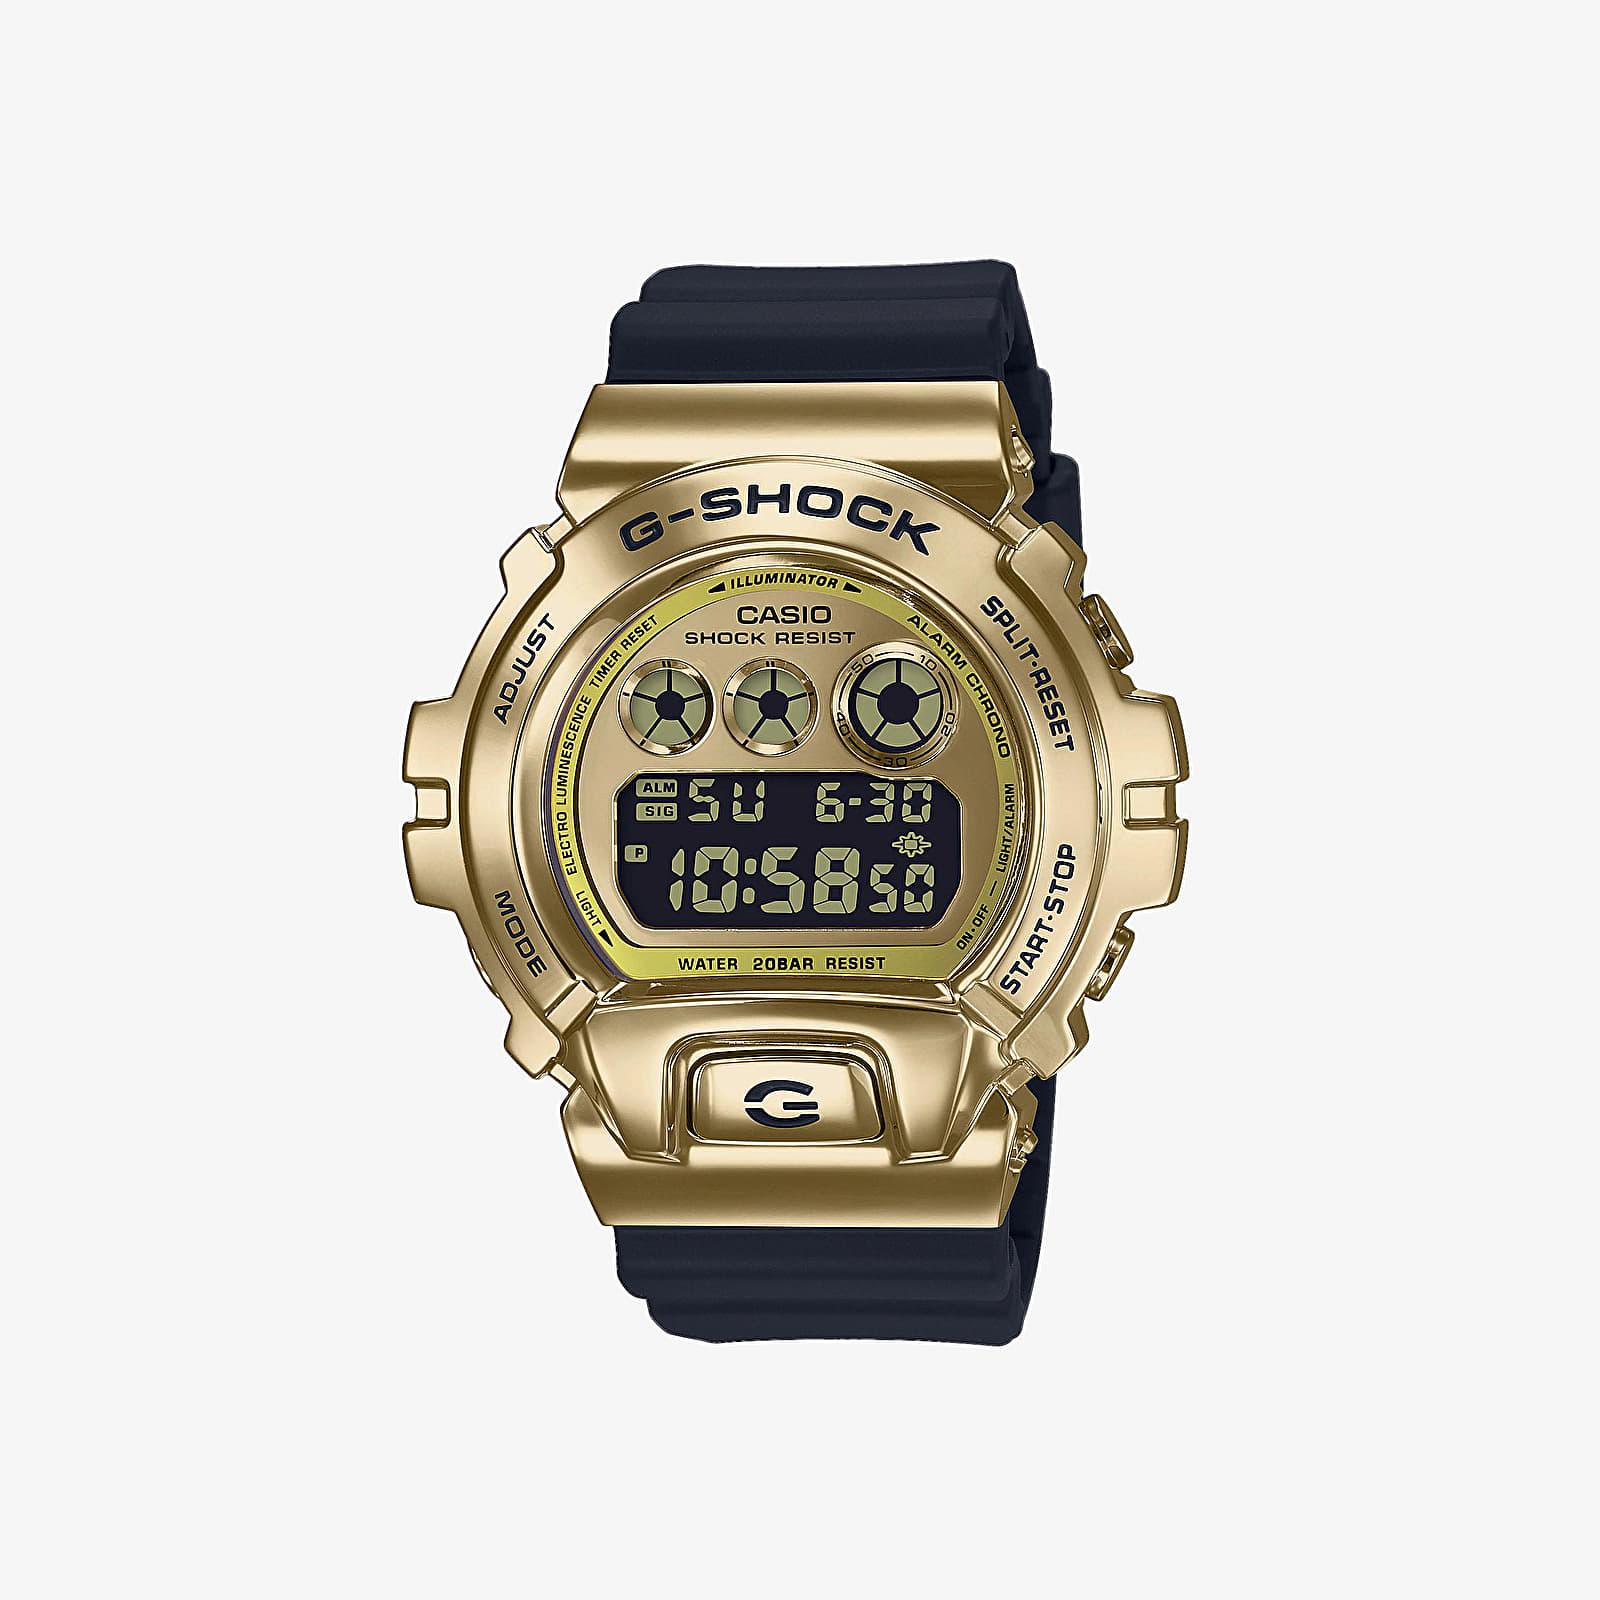 Watches Casio G-Shock Premium GM-6900G-9ER Watch Gold/ Black